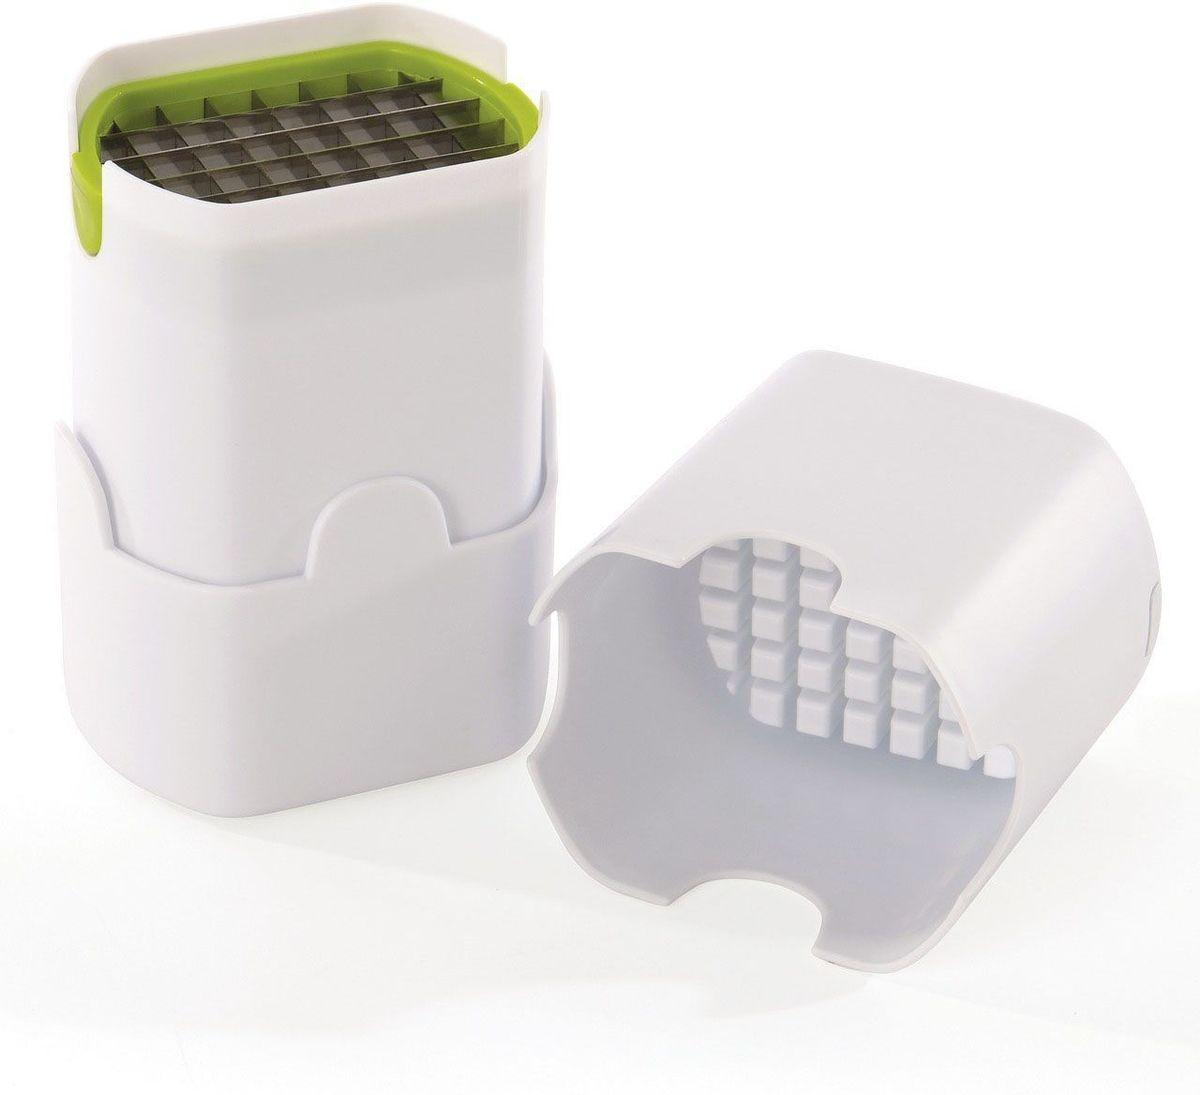 Нарезатель для картофеля фри BergHOFF Cook&Co54 009312Нарезатель для картофеля фри BergHOFF Cook&Co - удивительный инструмент, который подходит для нарезки идеальных кусочков картофеля фри, каждый раз, простым нажатием. Также работает и с луком, огурцами, морковью. Корпус изделия выполнен из высококачественного ABS пластика, а лезвие из нержавеющей стали. Прочная конструкция, удобная в хранении. Такой нарезатель станет незаменимым помощником при приготовлении картофеля фри. Можно мыть в посудомоечной машине.